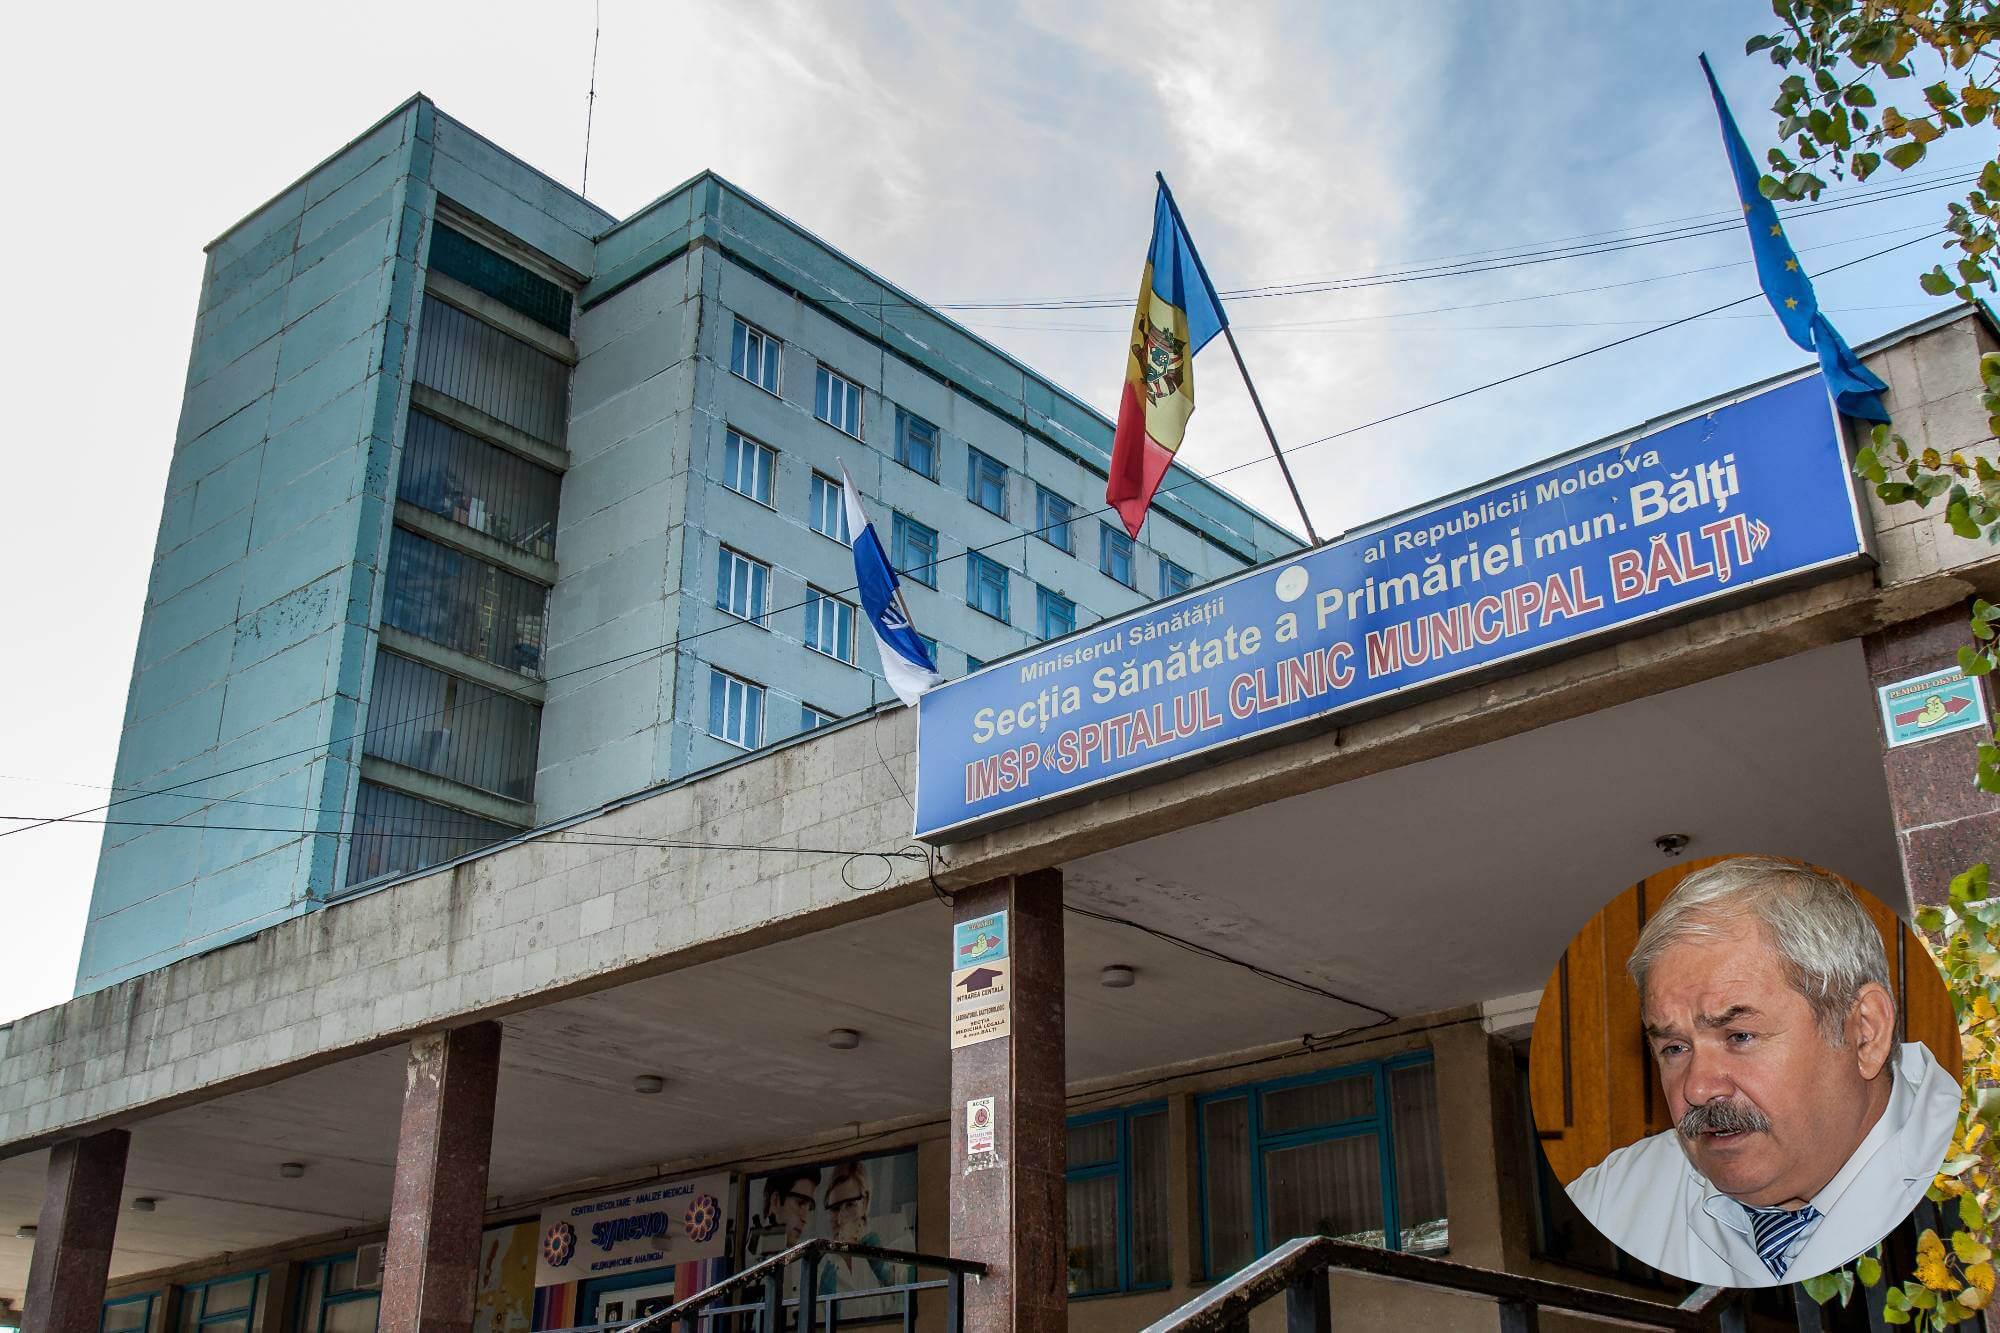 Директор Бельцкой больницы ответил на обвинения Григоришина